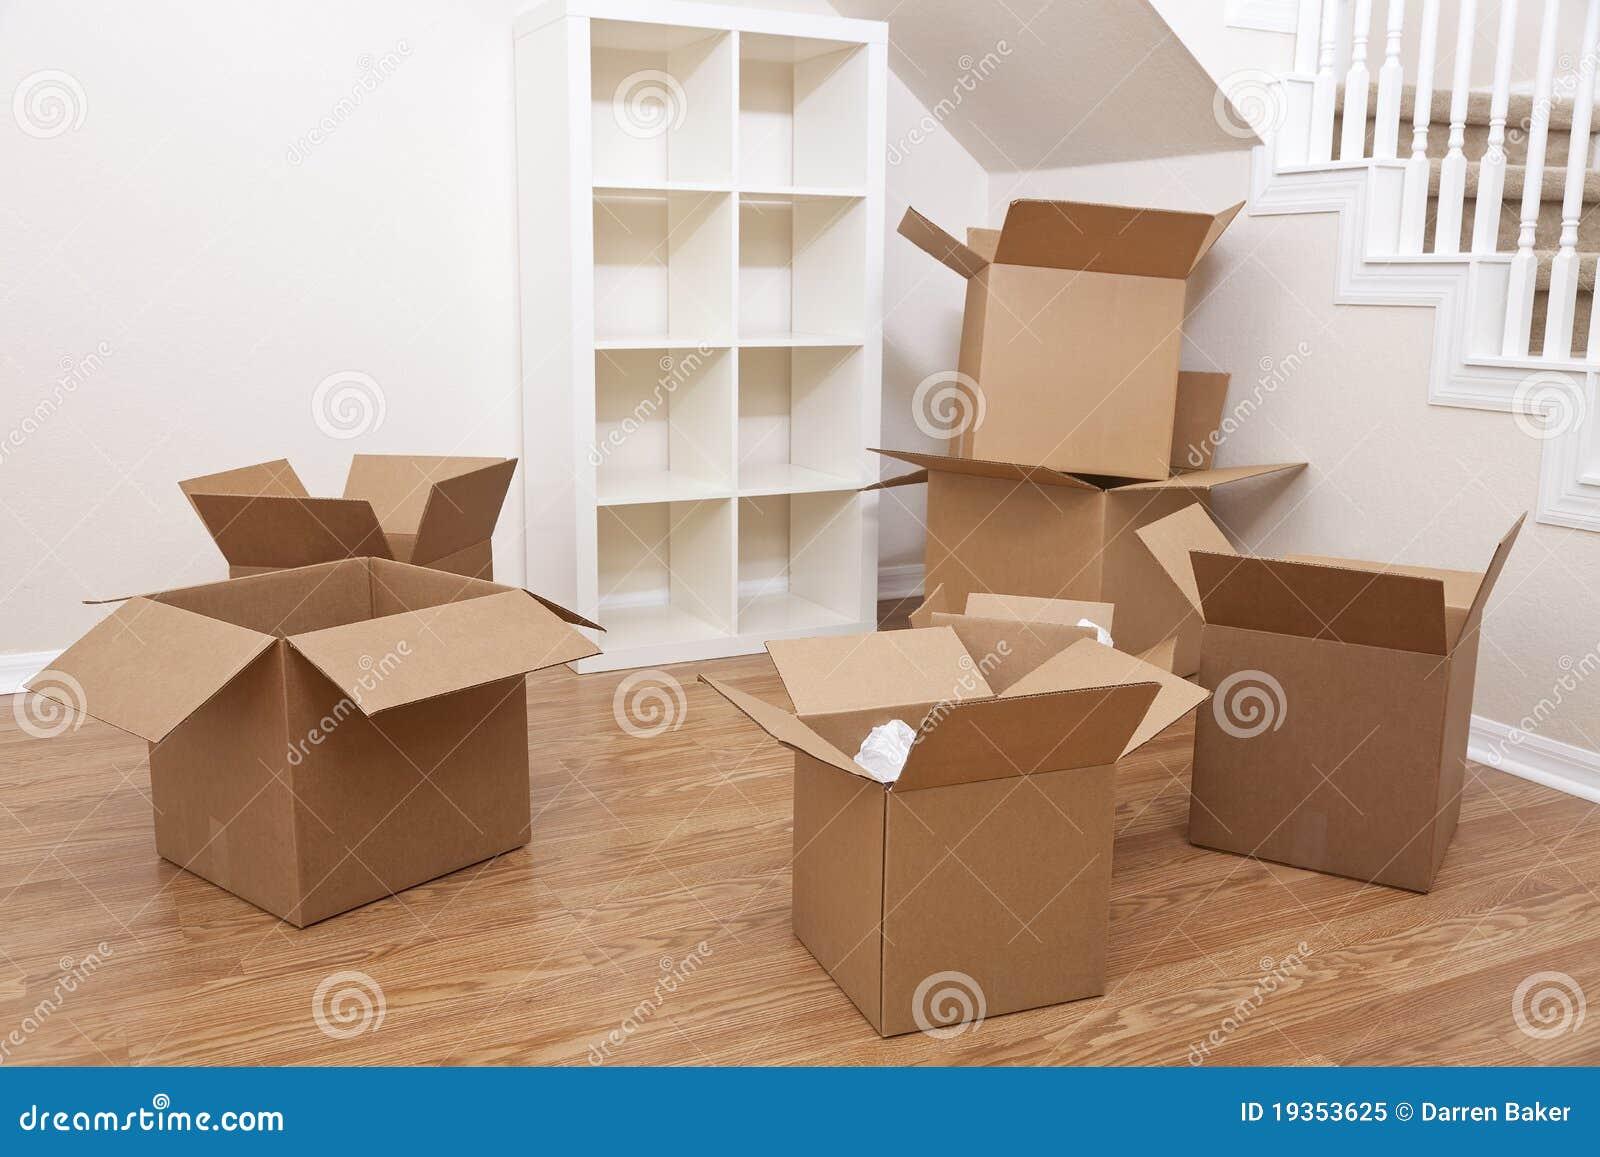 Quarto de caixas de cartão para casa movente